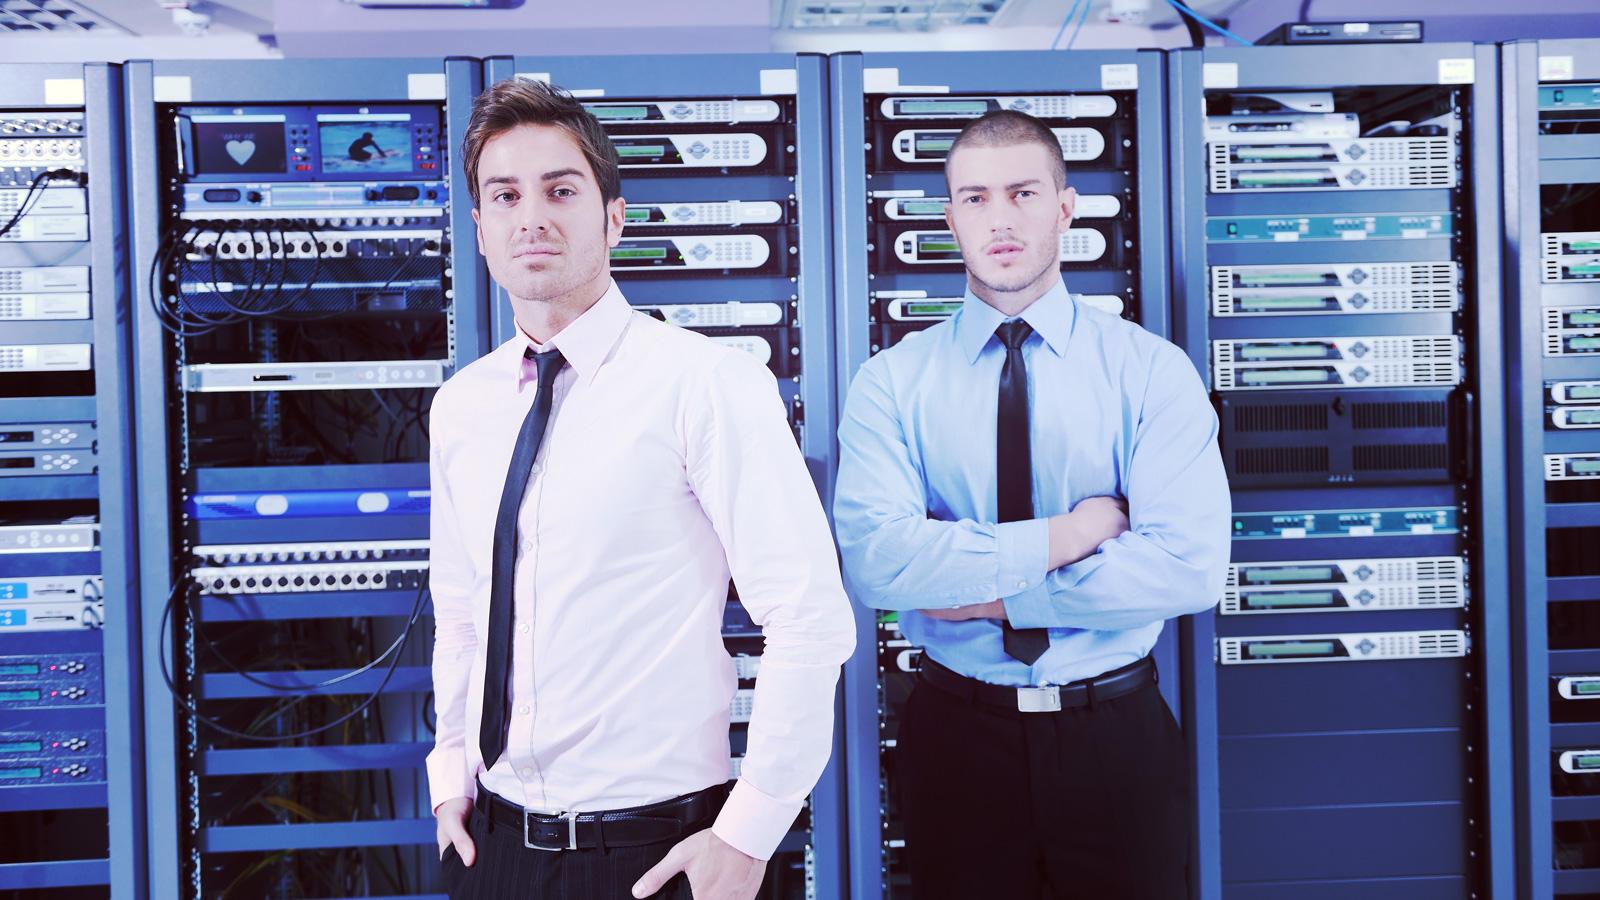 Jak centra danych radzą sobie ze zwiększonym ruchem w Internecie? Technologia mediarun serwer informatyk technik IT dane centrum 2020